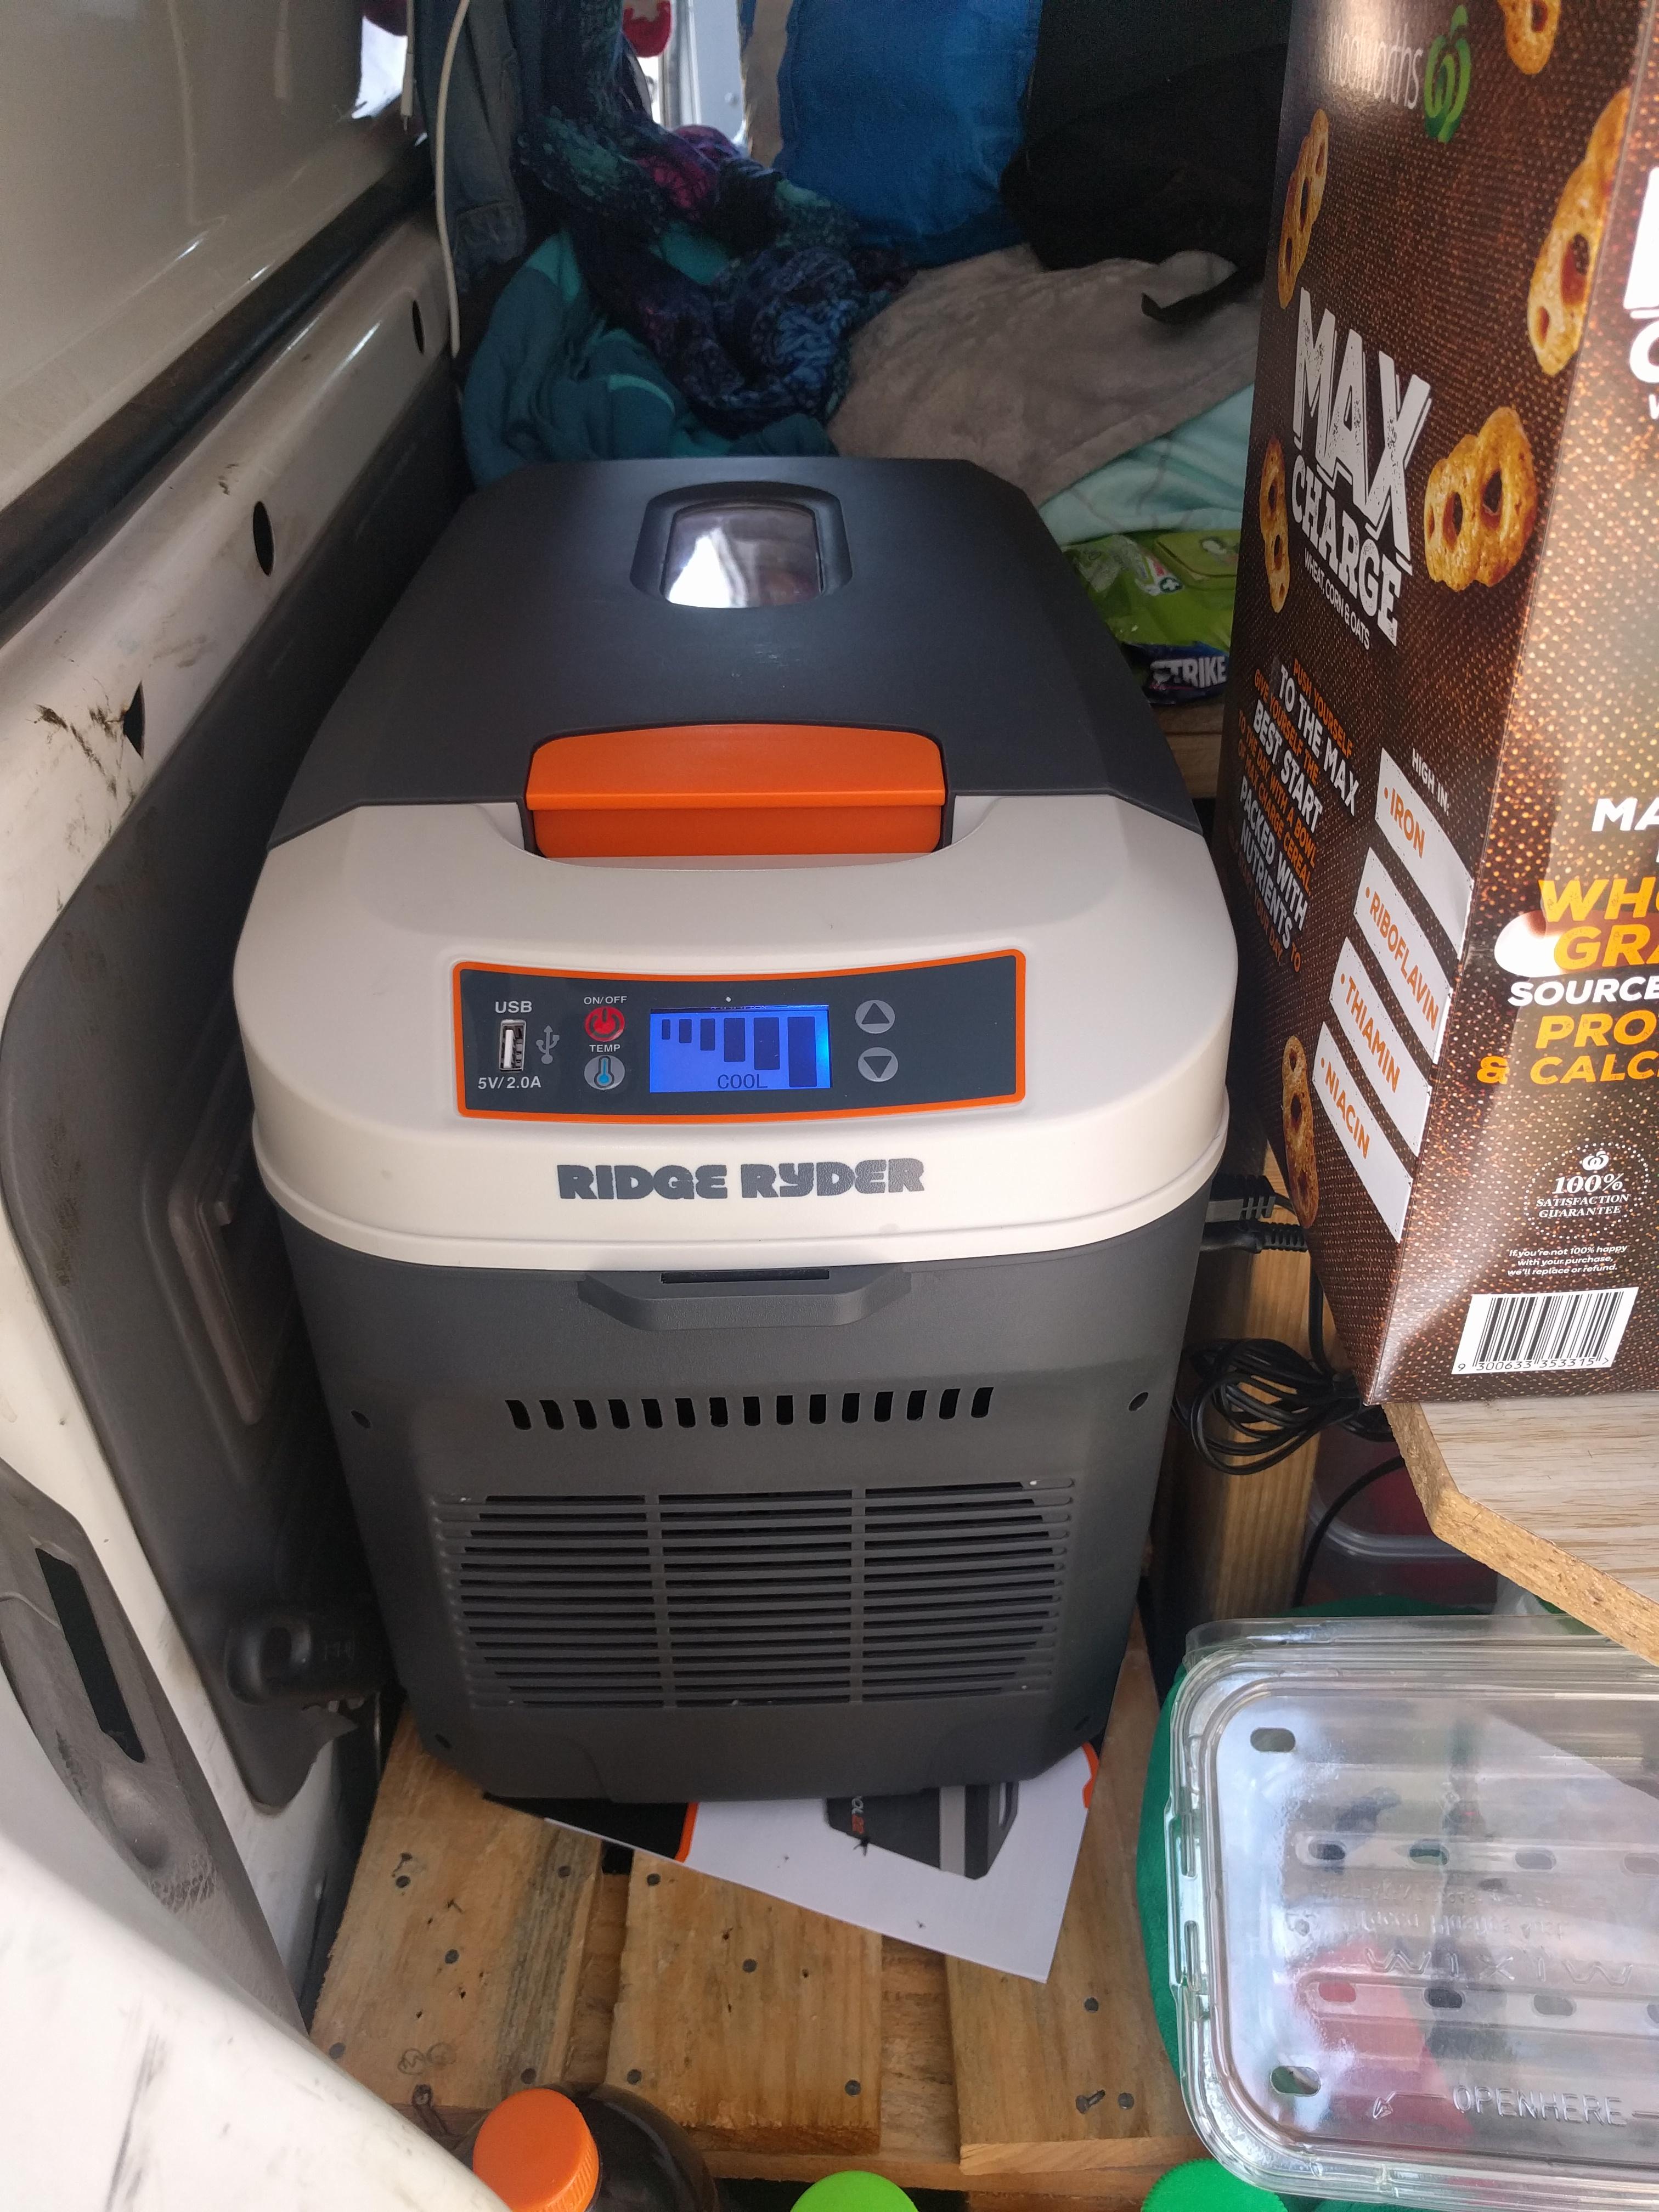 Notre frigo